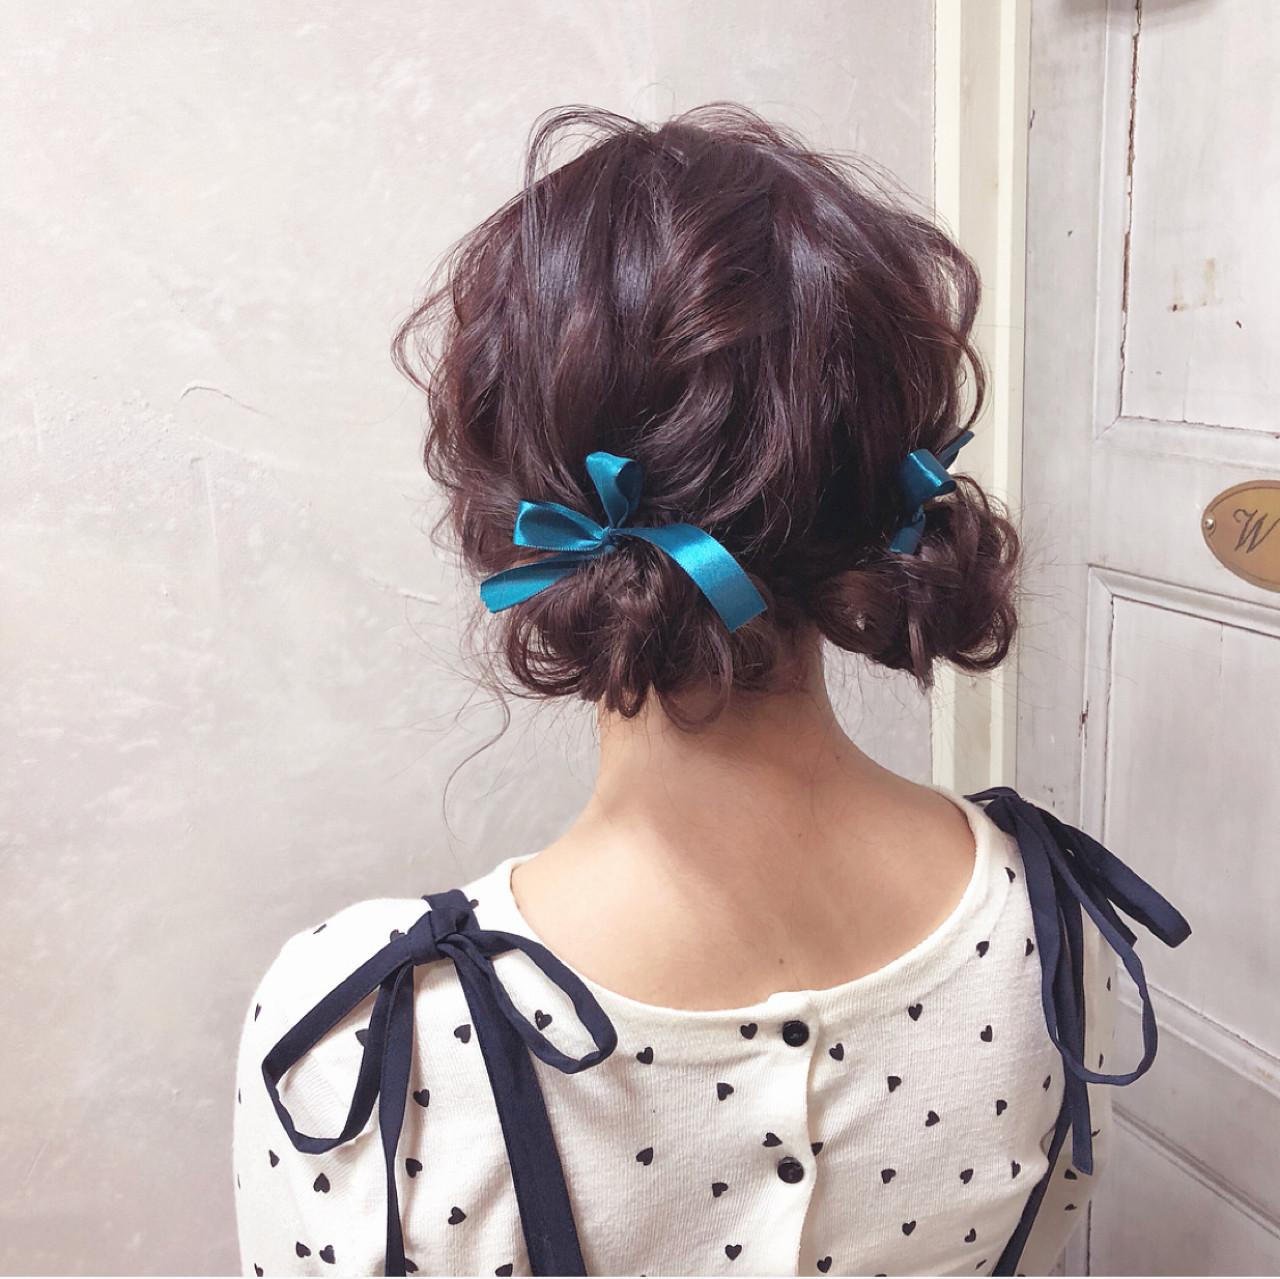 ガーリー お団子 簡単ヘアアレンジ ヘアアレンジ ヘアスタイルや髪型の写真・画像